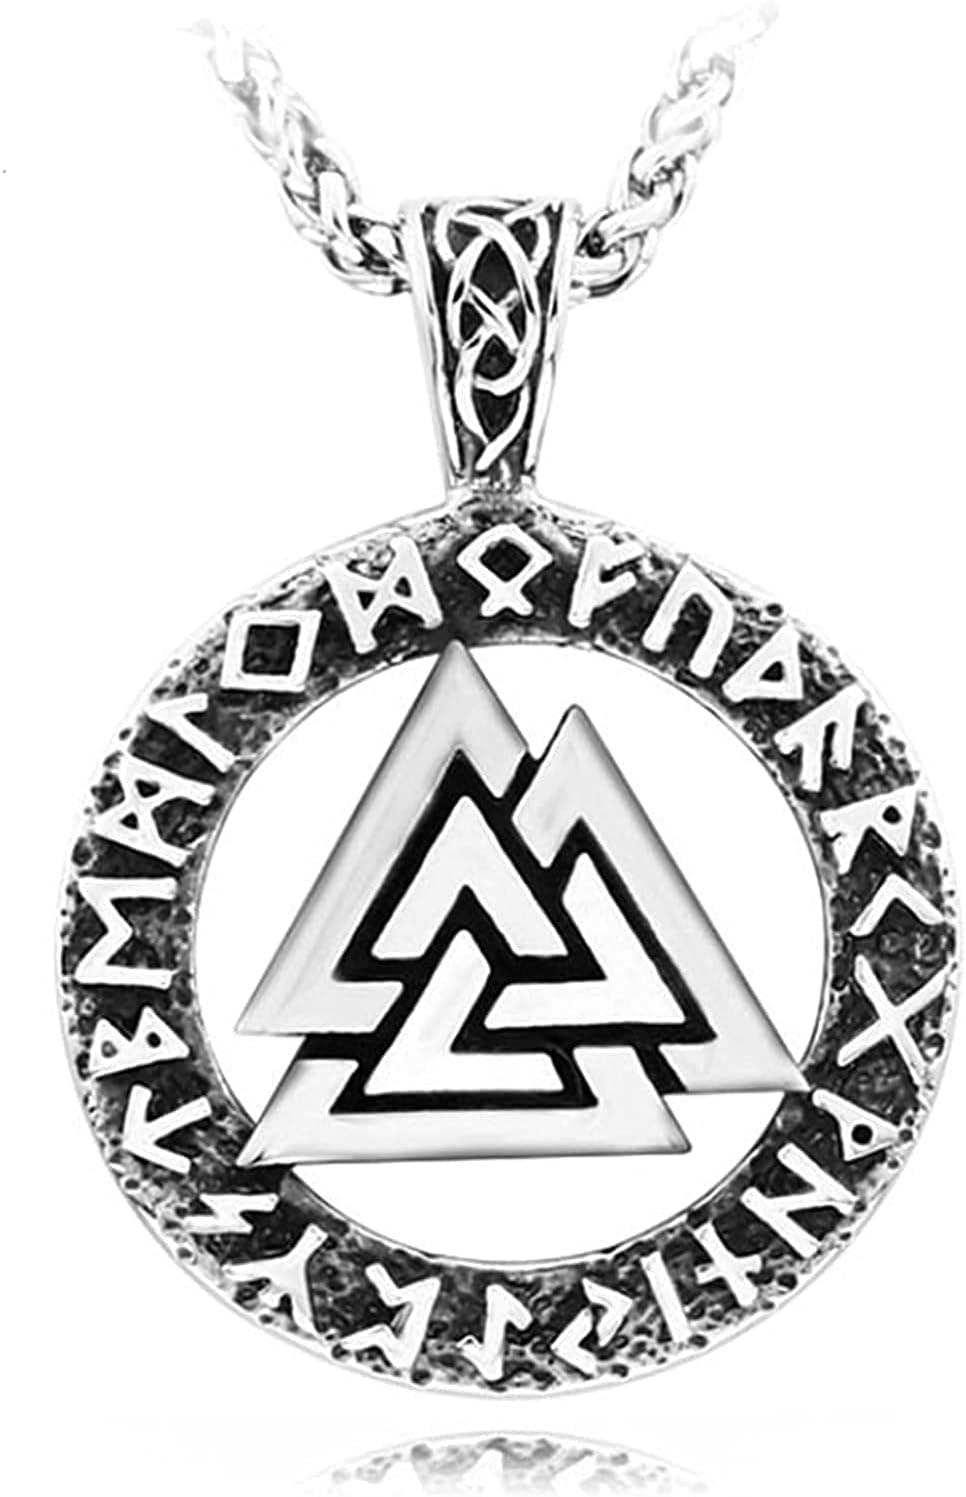 AMOZ Collar Colgante de Acero Inoxidable Símbolo de Runa Collar Amuleto para Hombres Mujeres Charm Joyas de Estilo de la Edad Media (Color: Plata, Tamaño: 60Cm),Plata,Los 60Cm